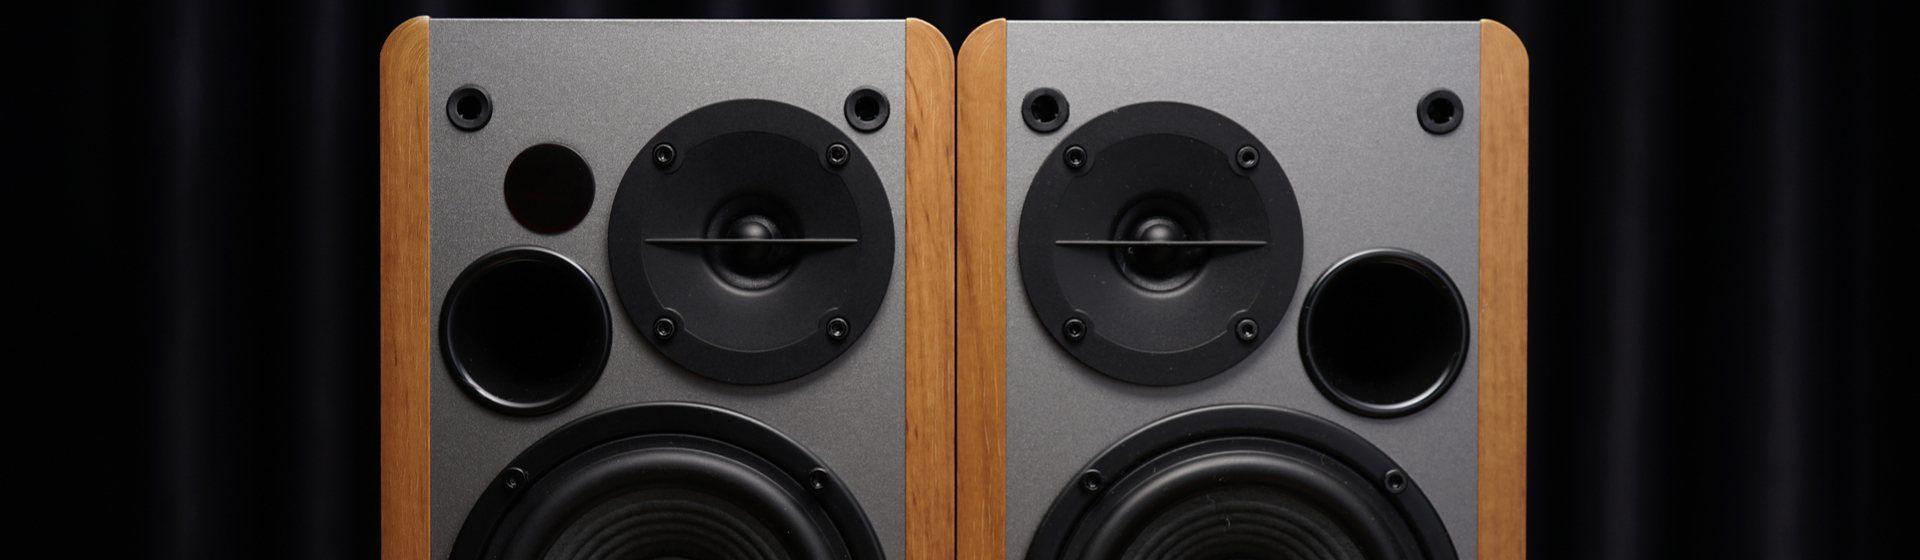 Caixa de som Edifier em cima de uma mesa